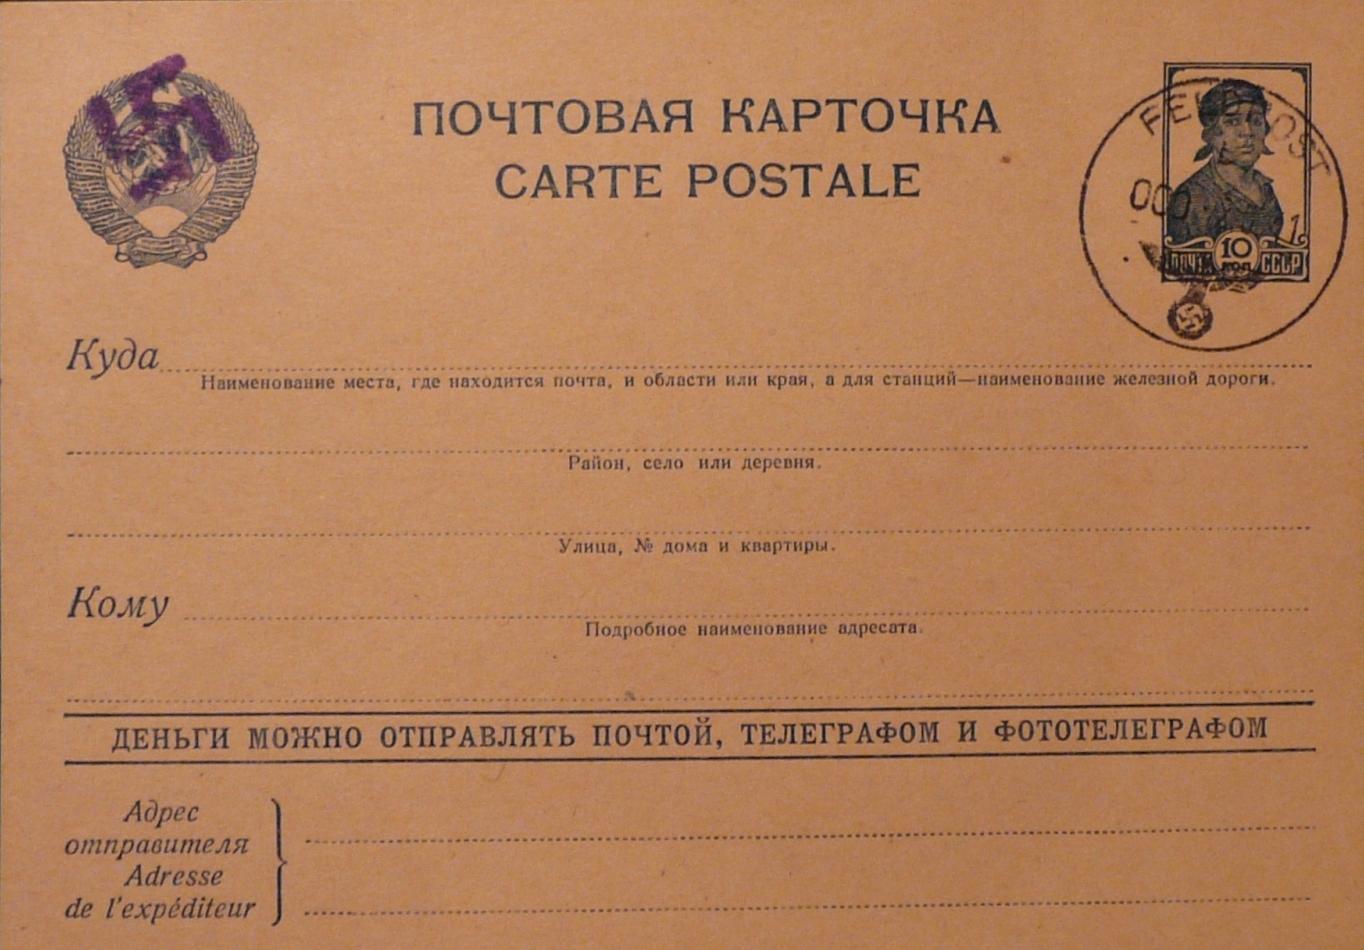 big_ww2_1941_pochtovaya_kartochka_sssr_okkupaciya